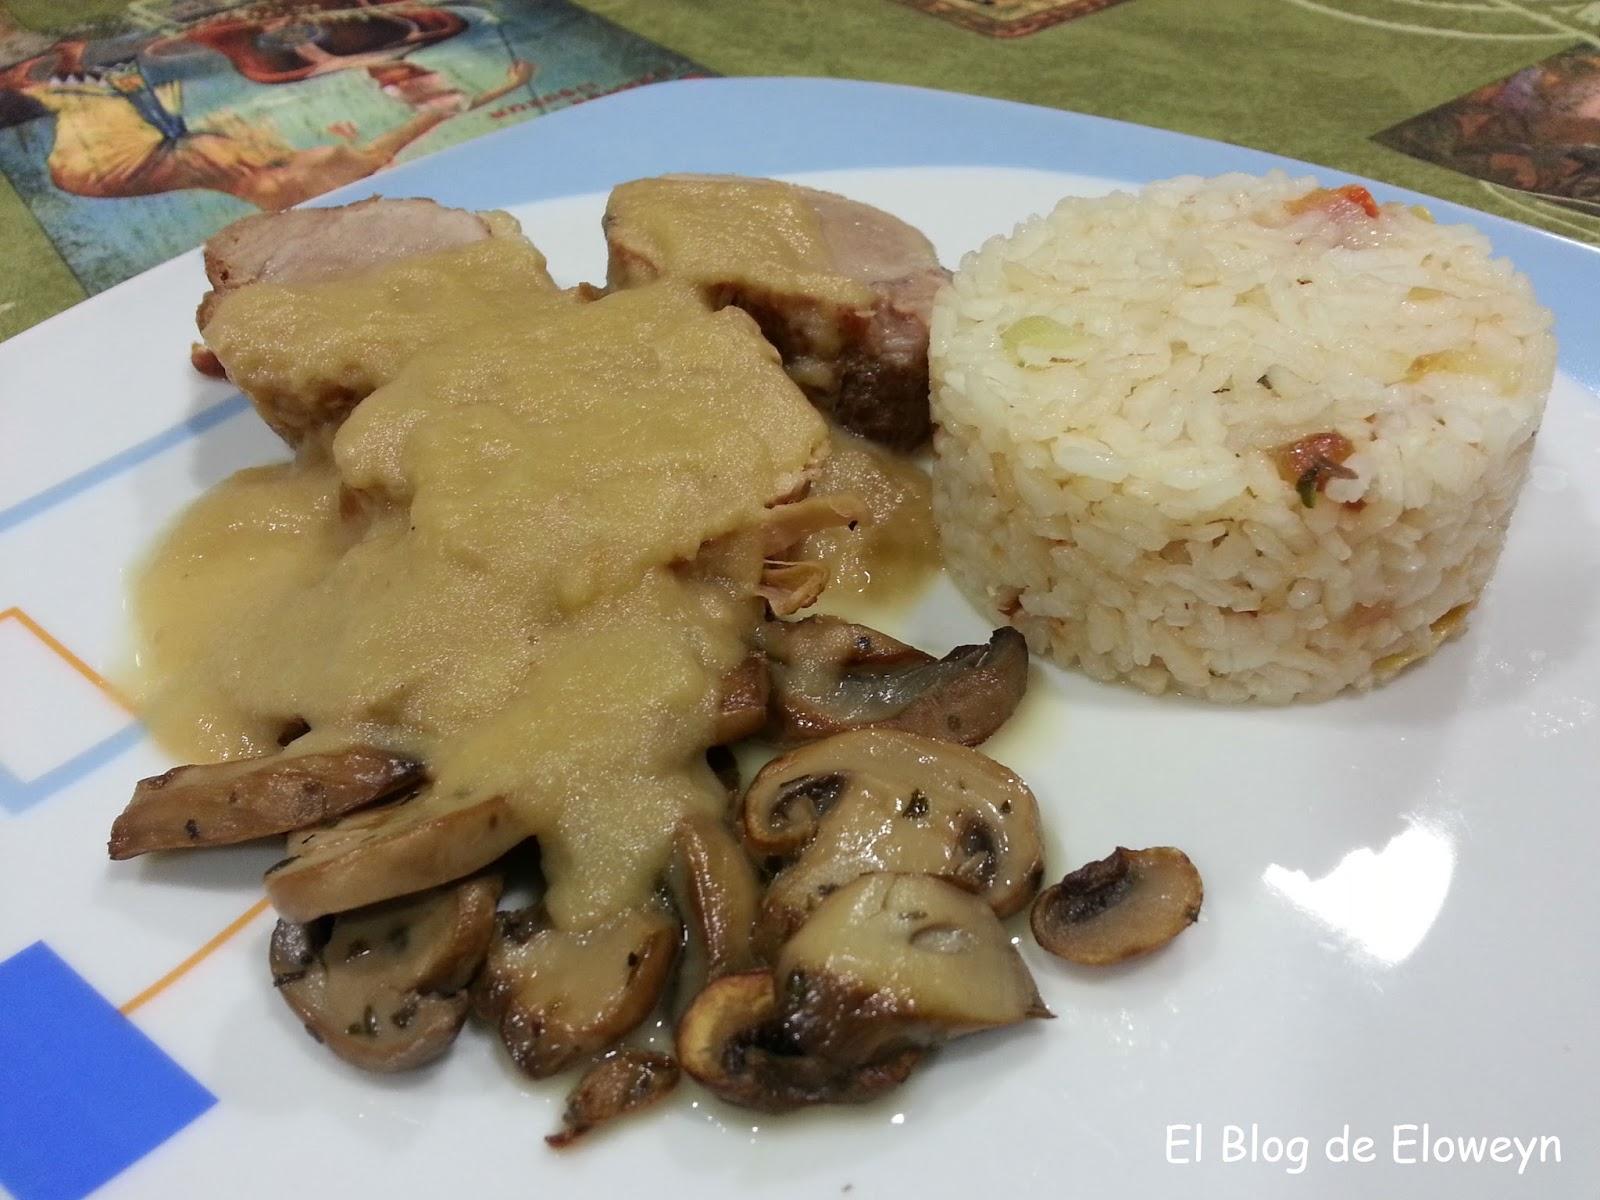 Solomillo De Cerdo Con Salsa De Manzana El Blog De Eloweyn